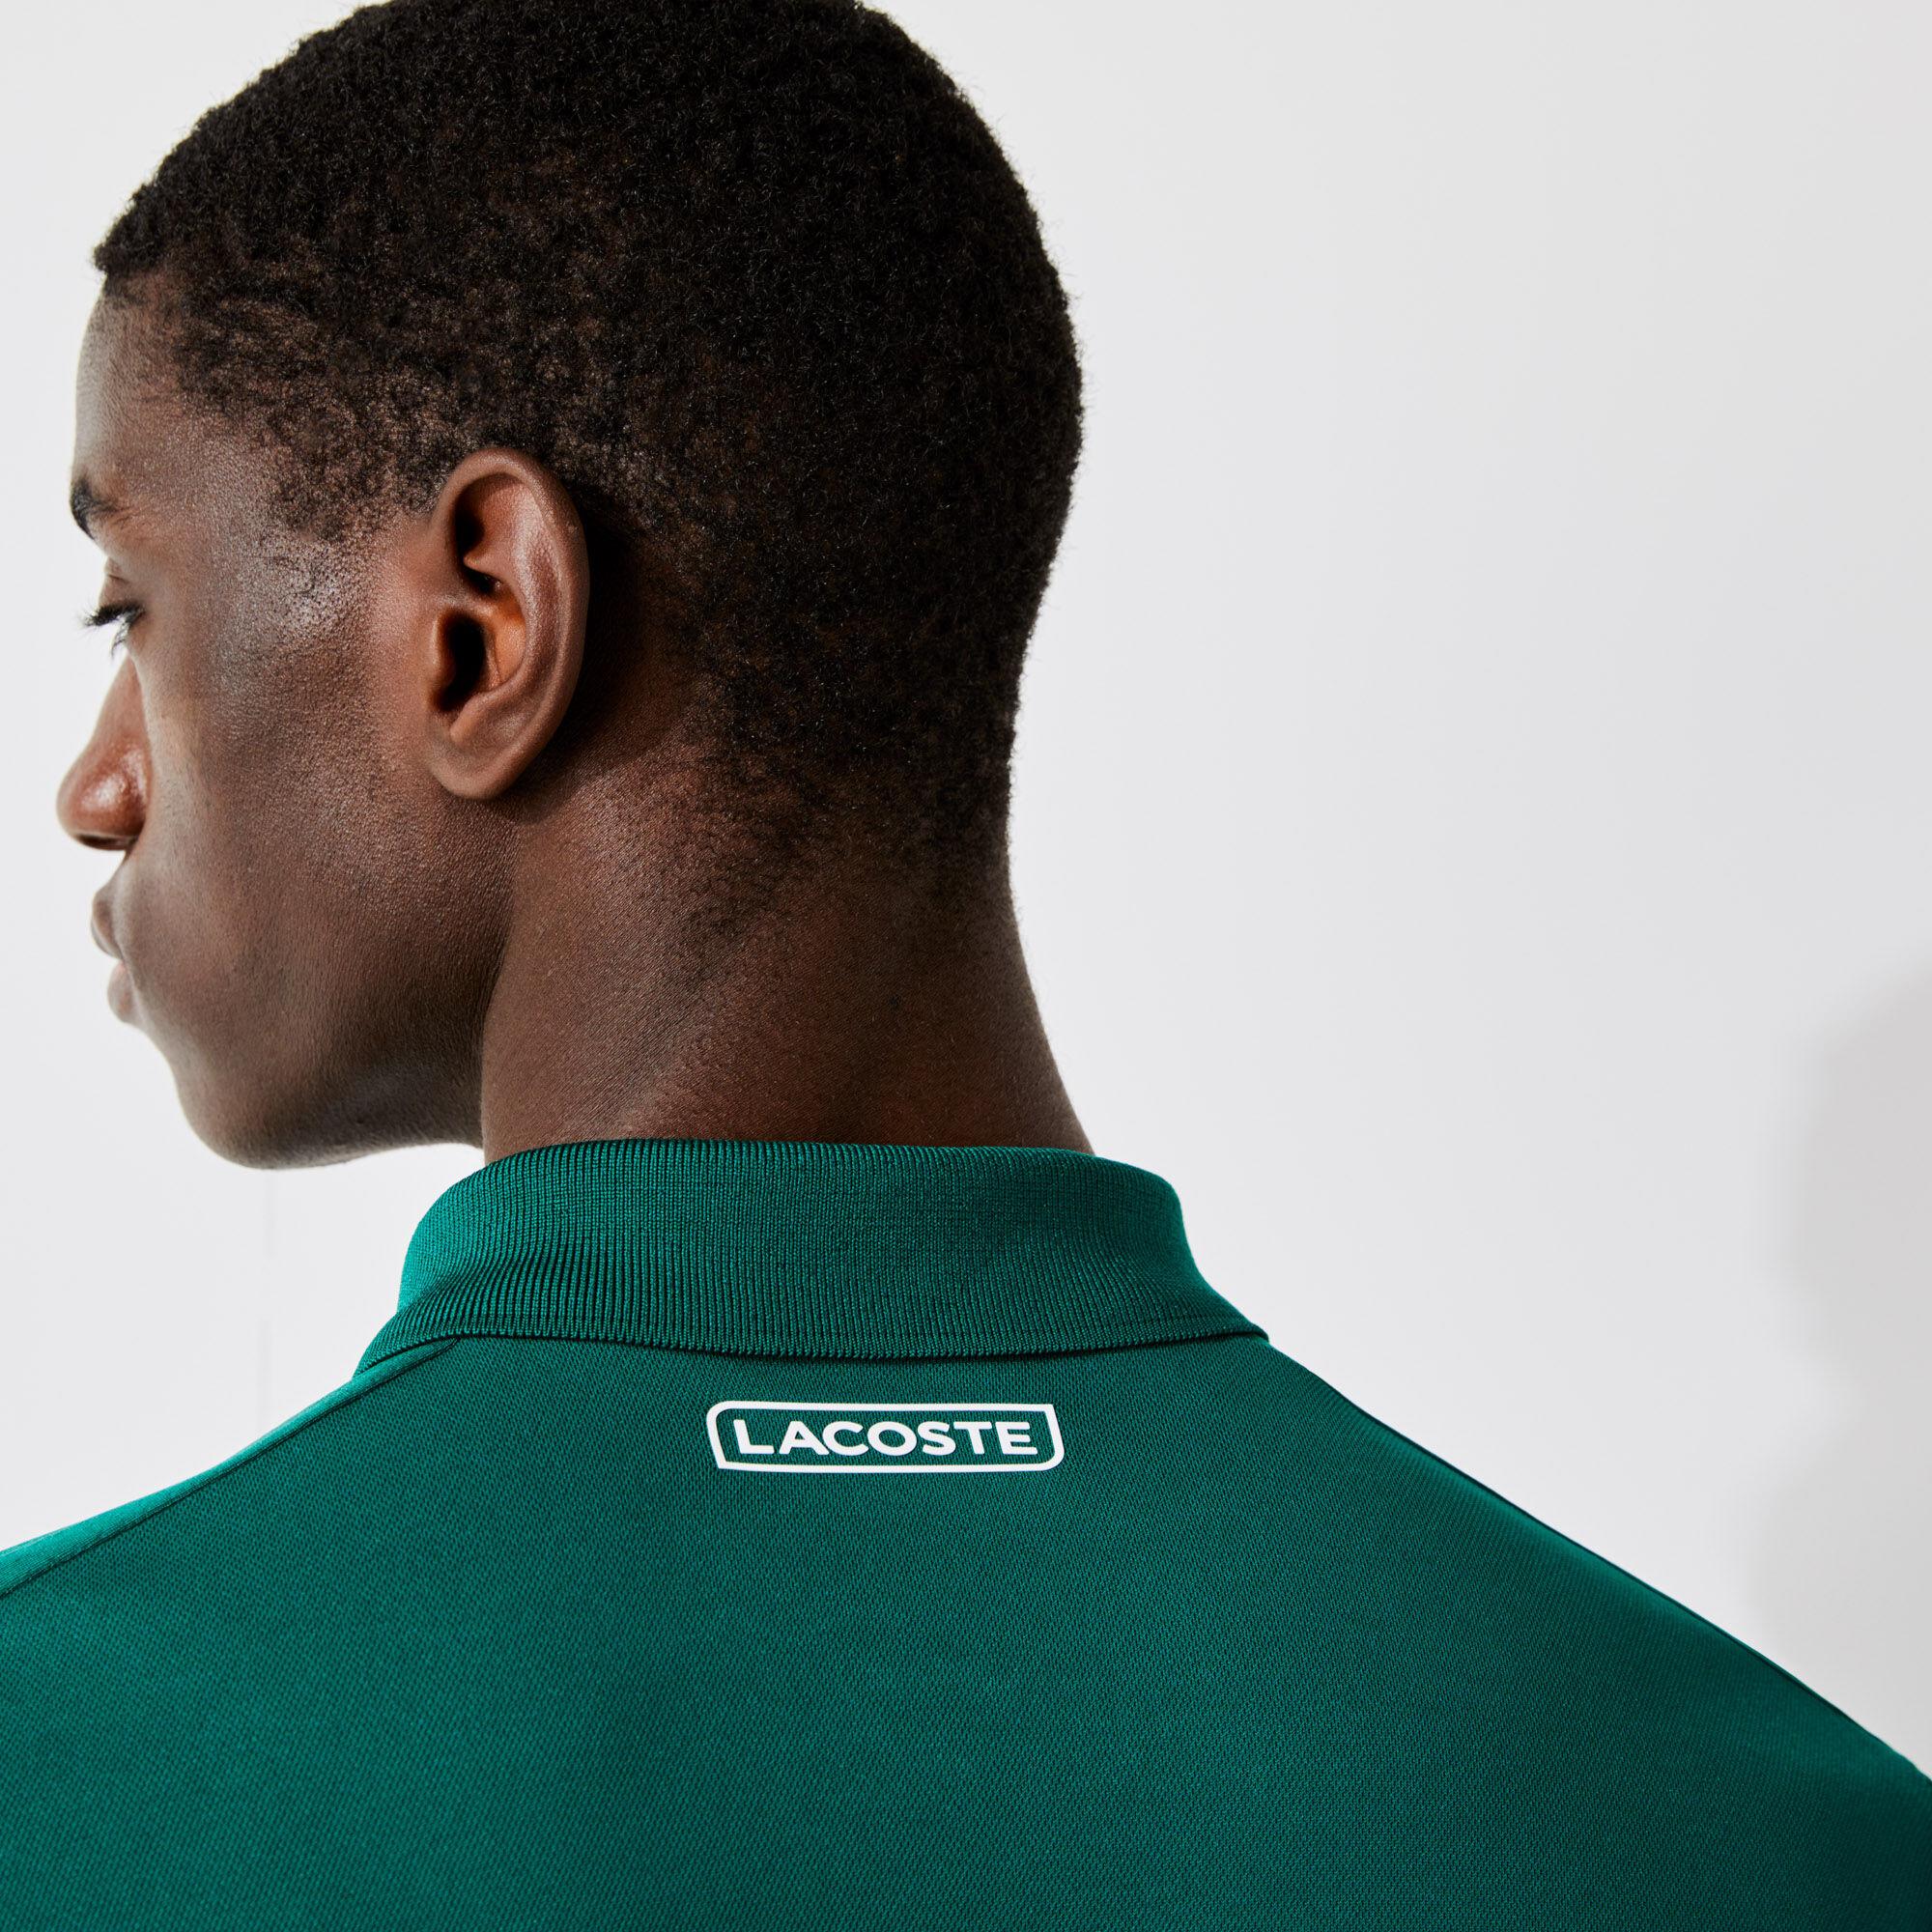 Men's Lacoste SPORT Breathable Resistant Piqué Tennis Polo Shirt